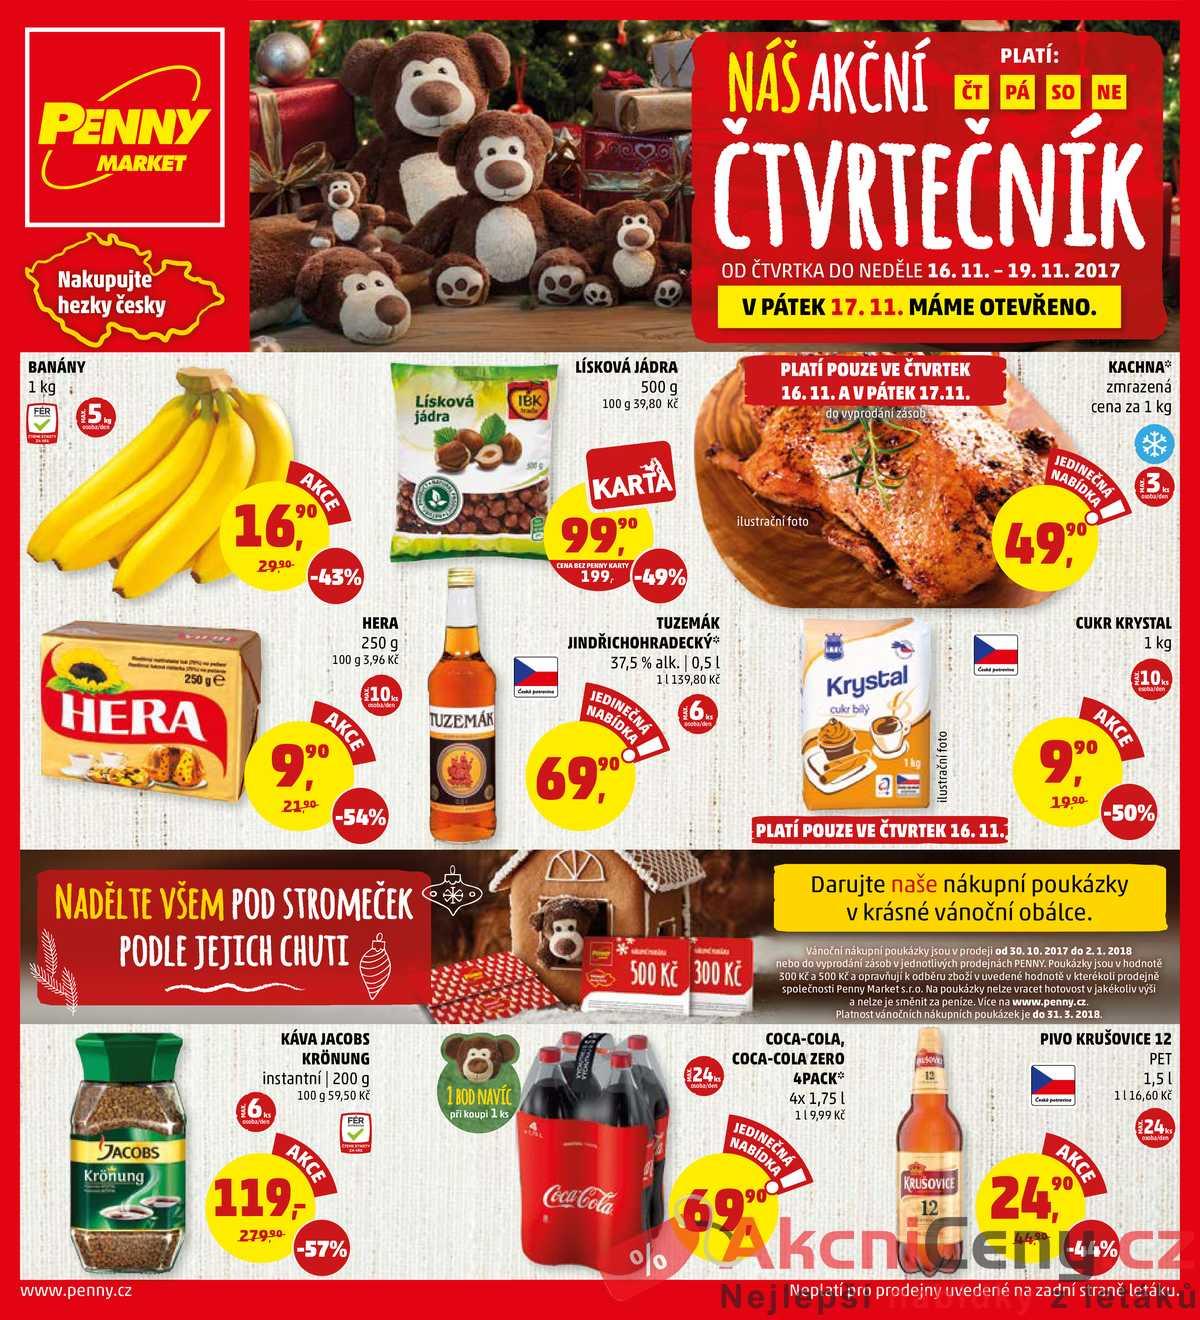 Leták Penny Market 16.11. - 19.11. | AkcniCeny.cz